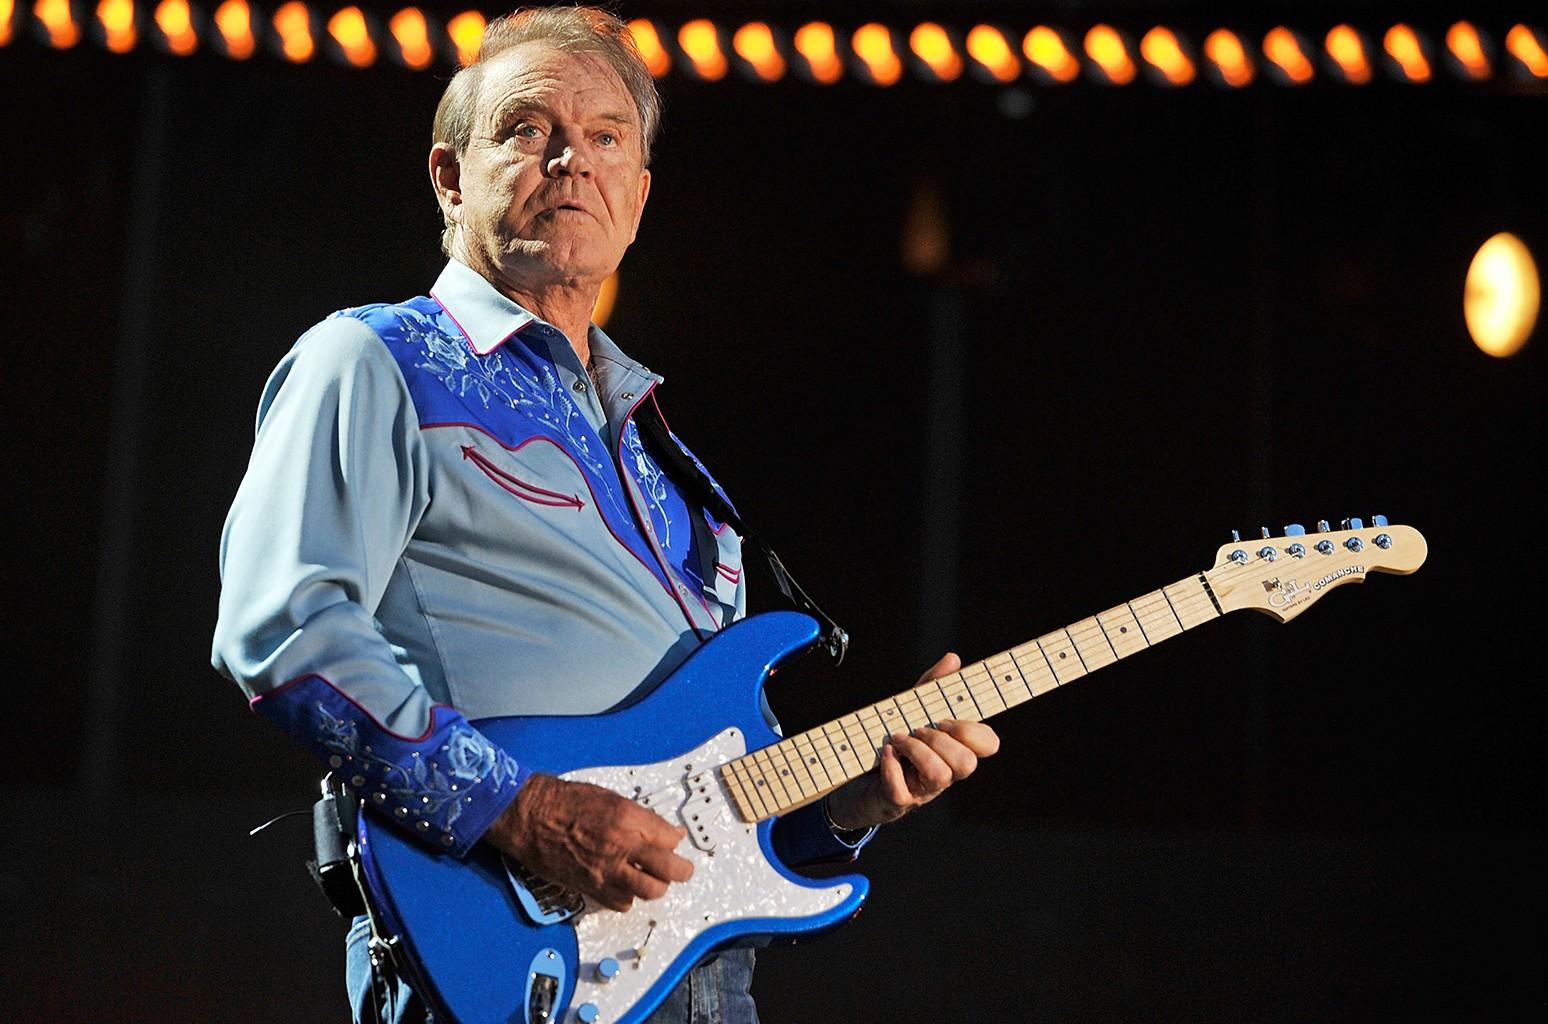 Glen Campbell performs during the 2012 CMA Music Festival on June 7, 2012 in Nashville, Tenn